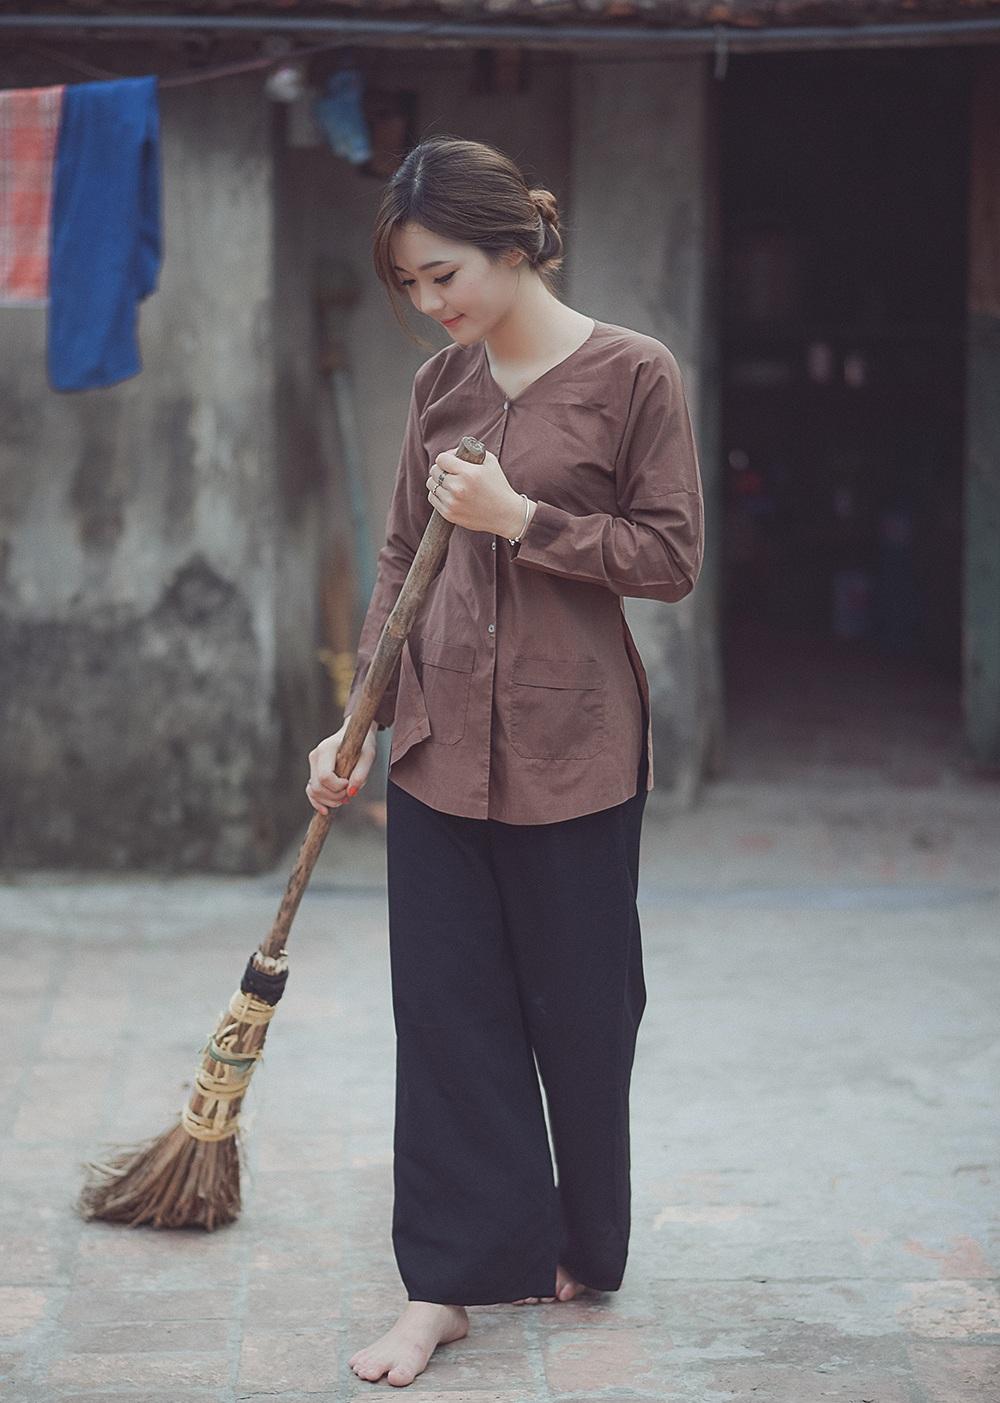 Hương chia sẻ rằng, cô chụp bộ ảnh này tại quê nhà Hưng Yên - nơi cô sinh ra và lớn lên. Những khung cảnh được chọn để chụp ảnh đã từng quen thuộc với cuộc sống của cô.